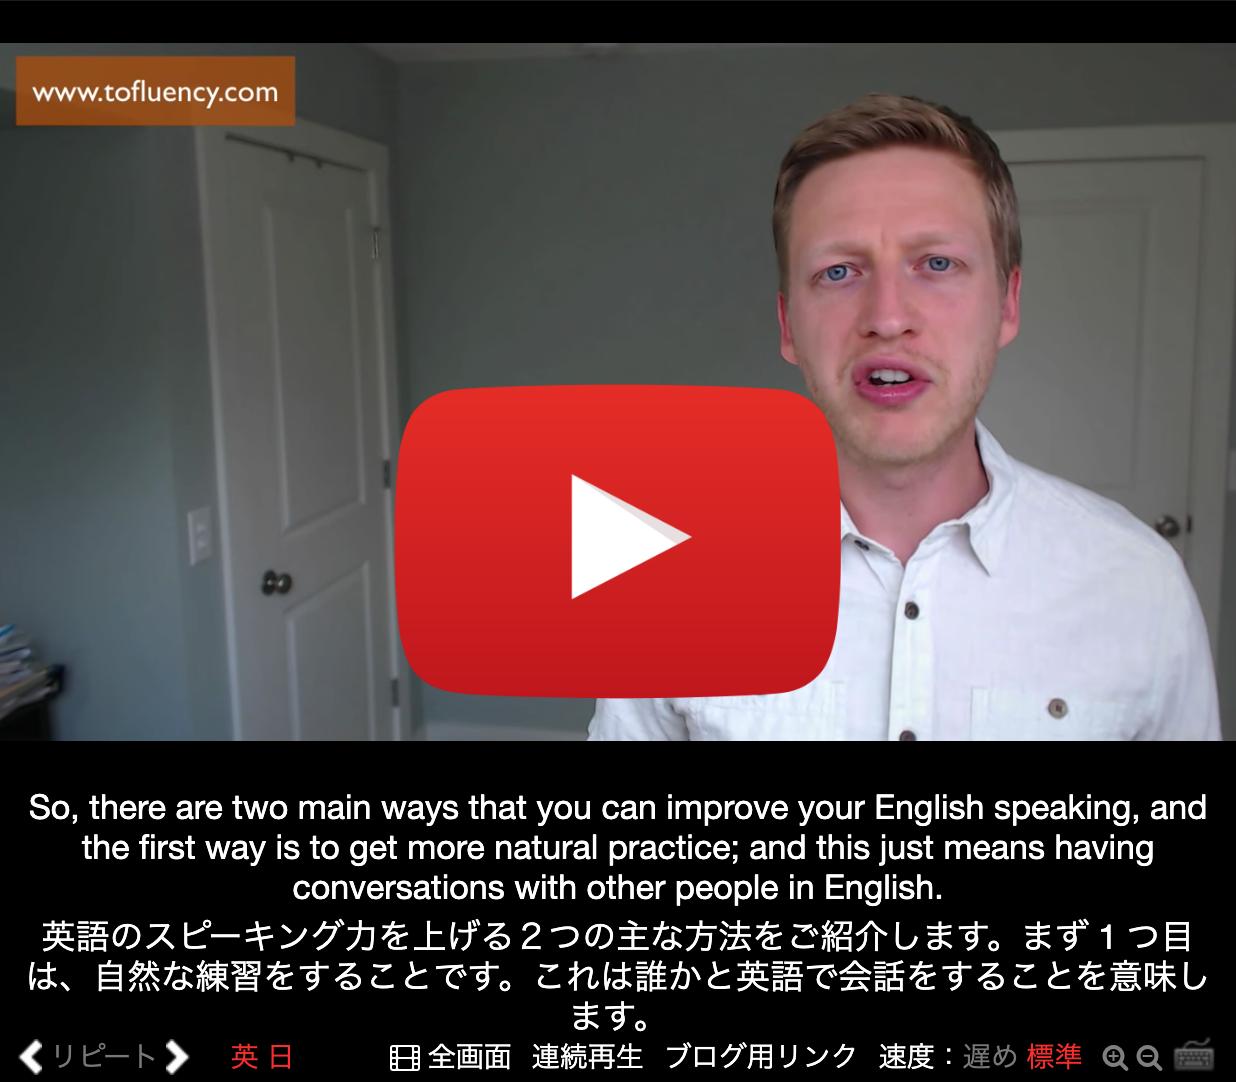 英語学習, TOP10 第9位【英語学習】英語のスピーキング力を伸ばす方法を伝授!